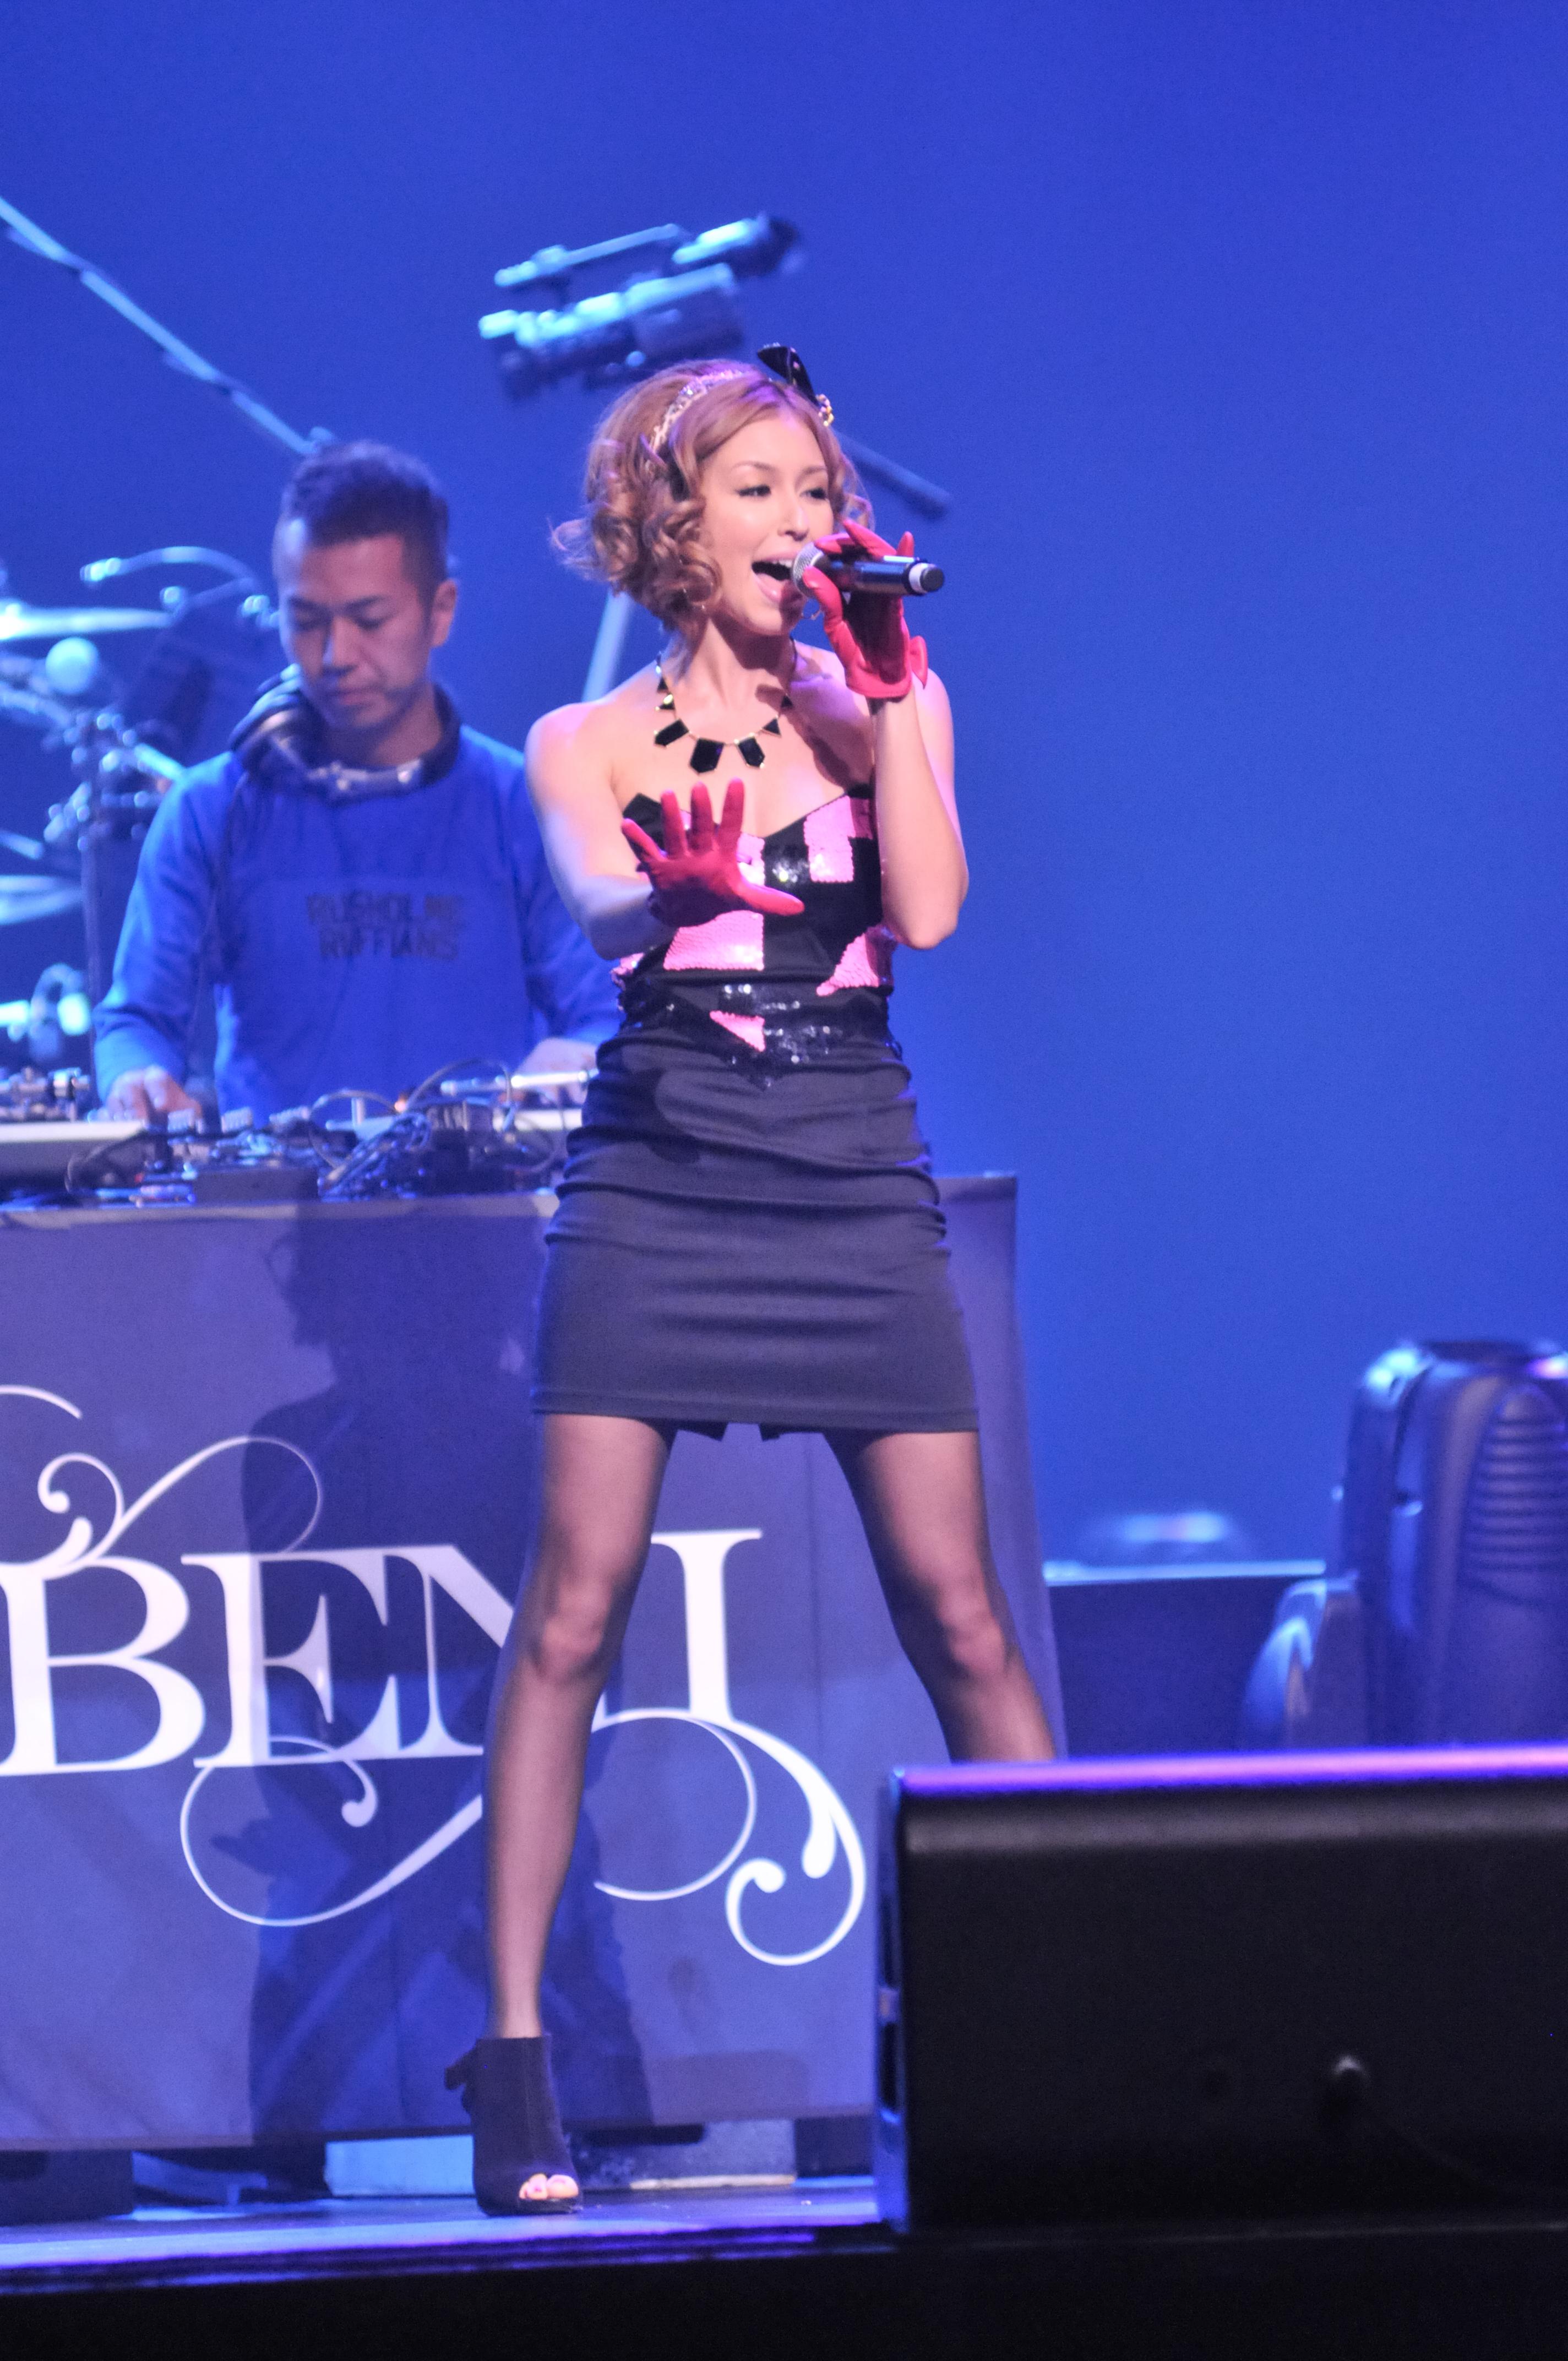 Beni Lovebox Live Tour